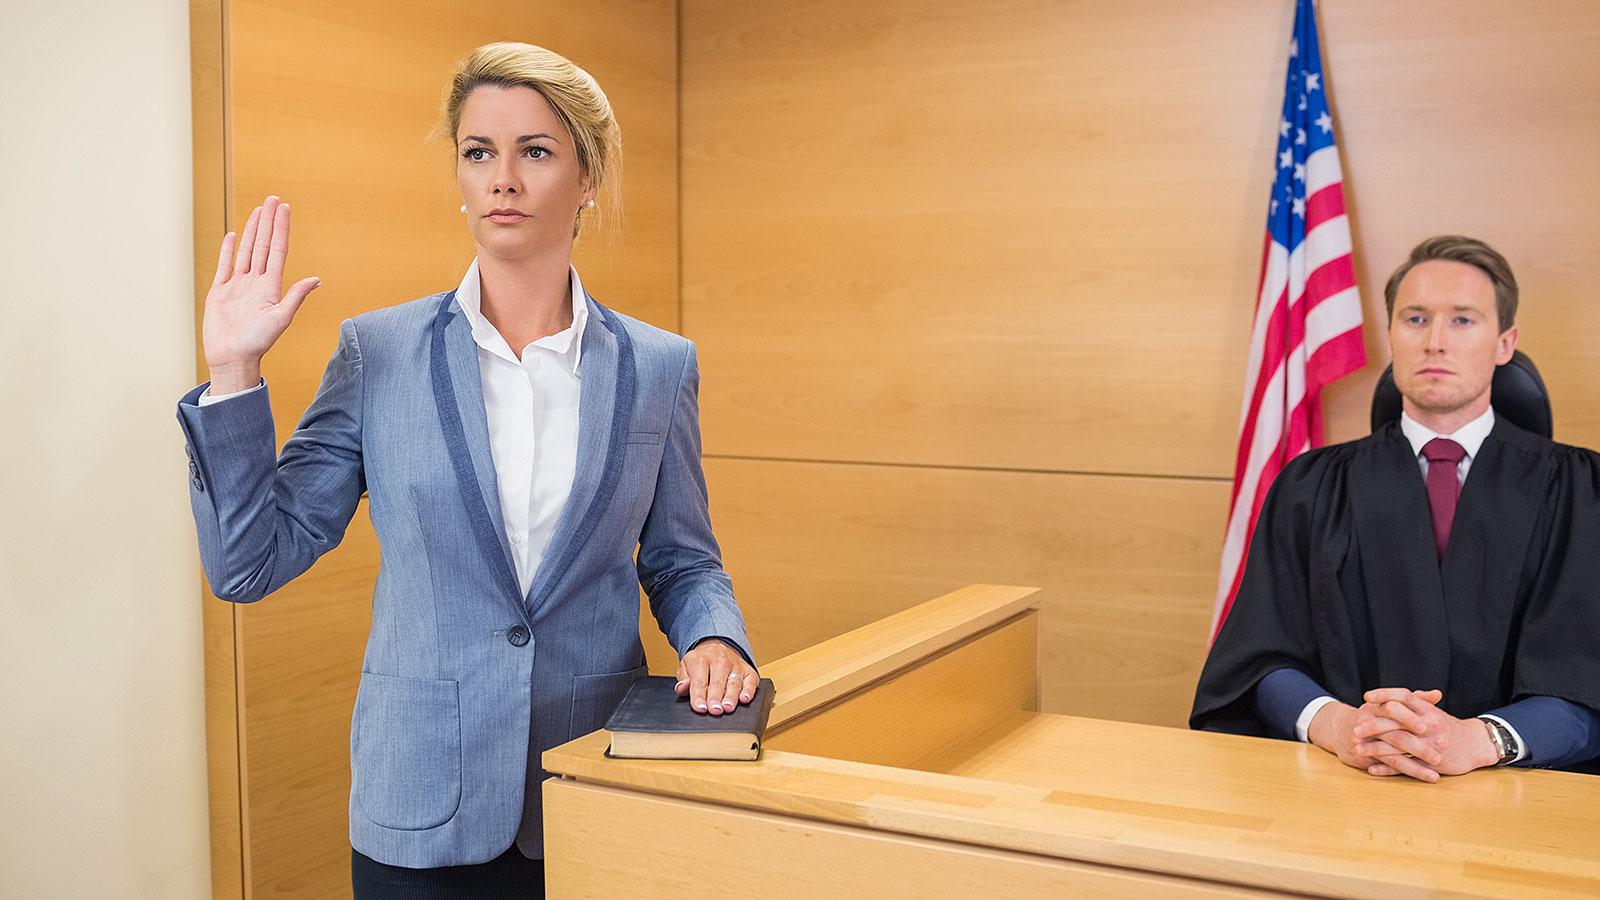 Свидетель в суде